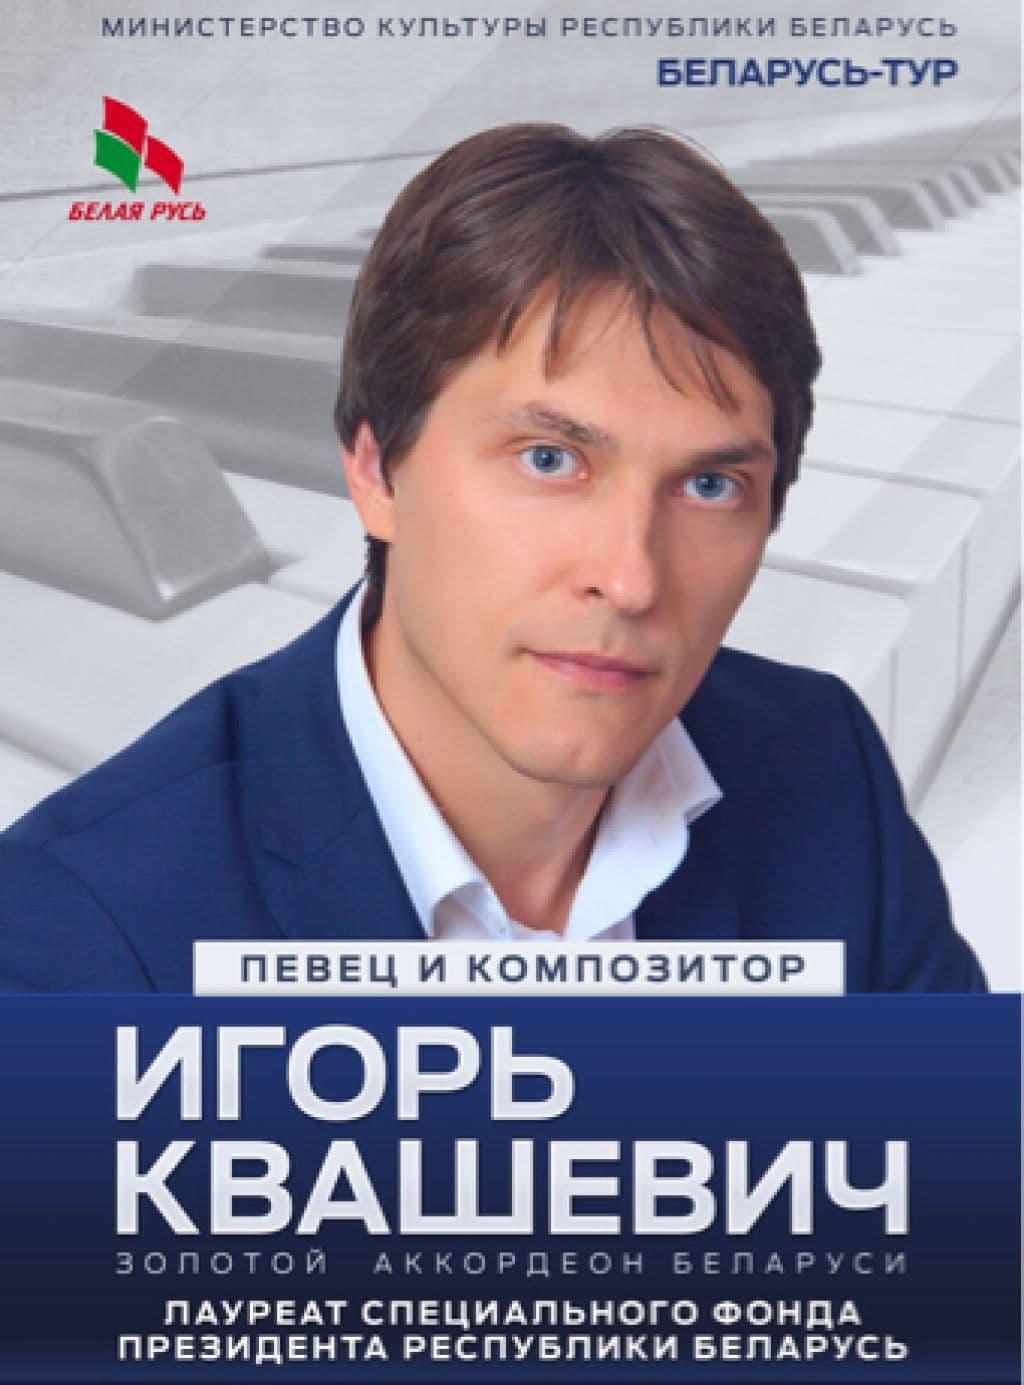 """В Лиде выступит """"золотой аккордеон Беларуси"""" Игорь Квашевич"""